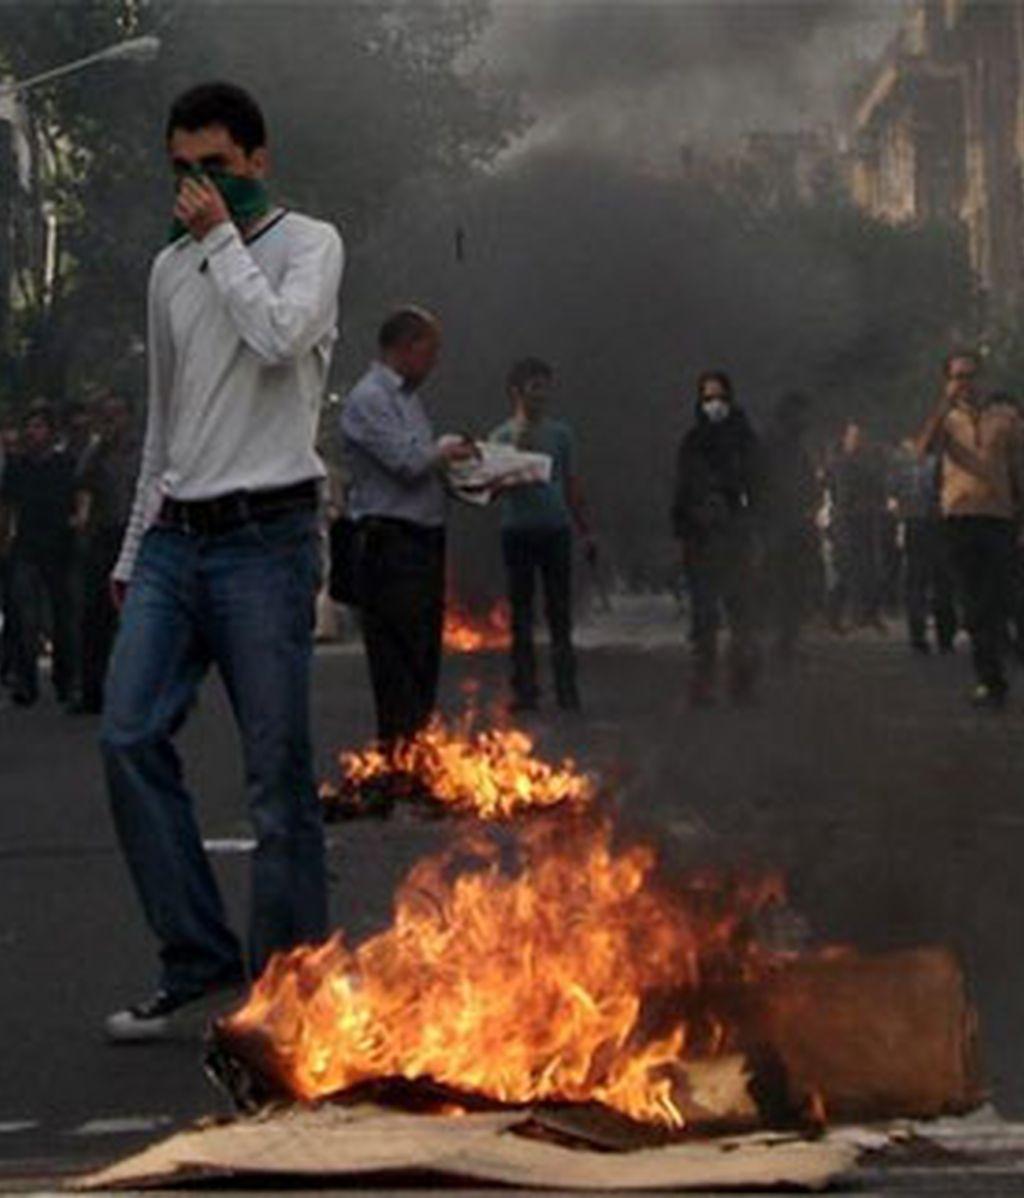 Un manifestante en medio del humo y el fuego provocado tras las protestas de la oposición en Teherán. Foto: EFE